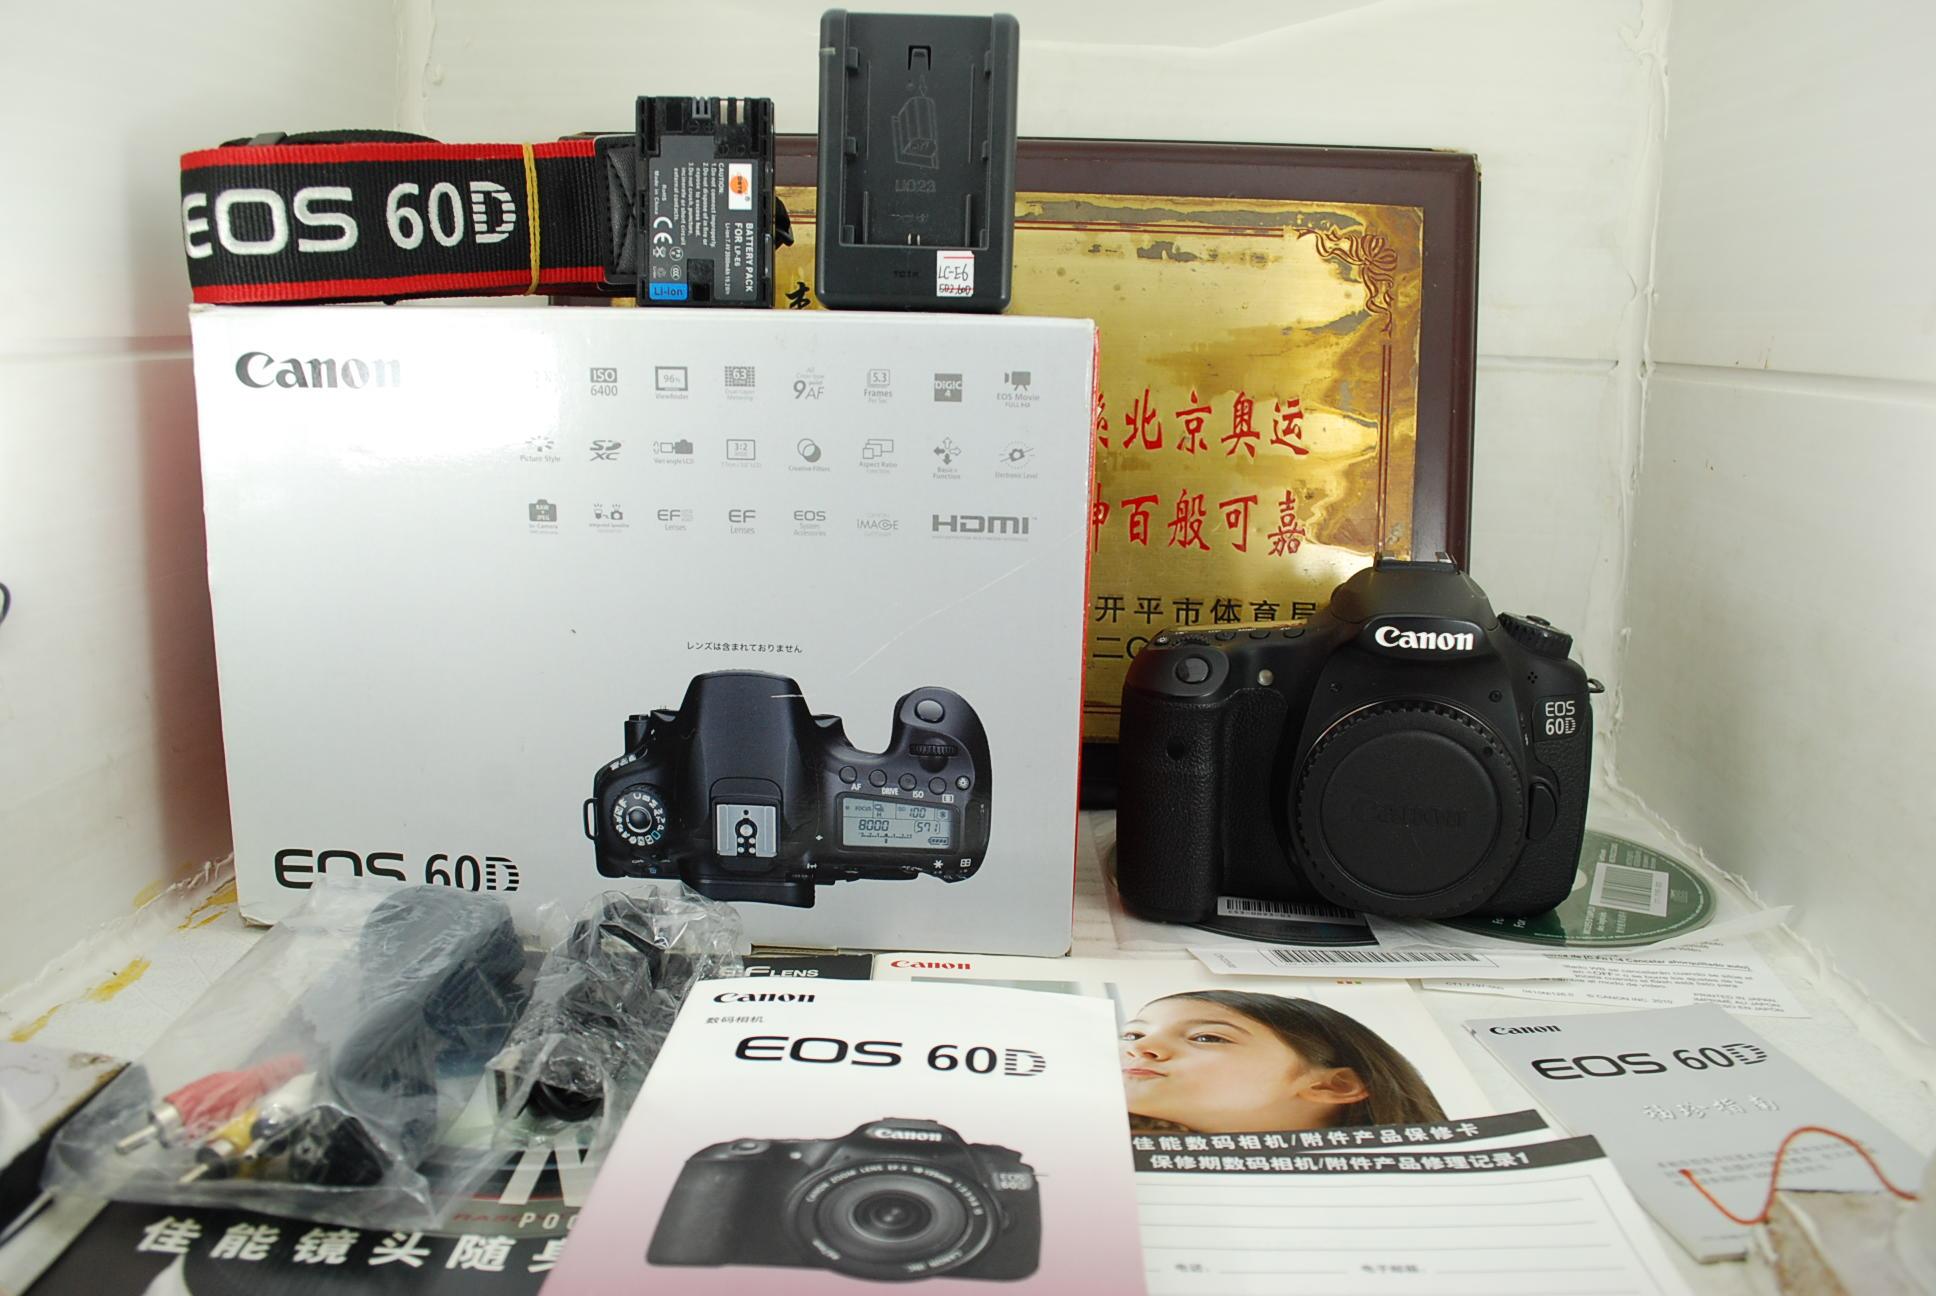 97新 佳能 60D 數碼單反相機 旋轉屏1800萬像素 中端機型性價比高